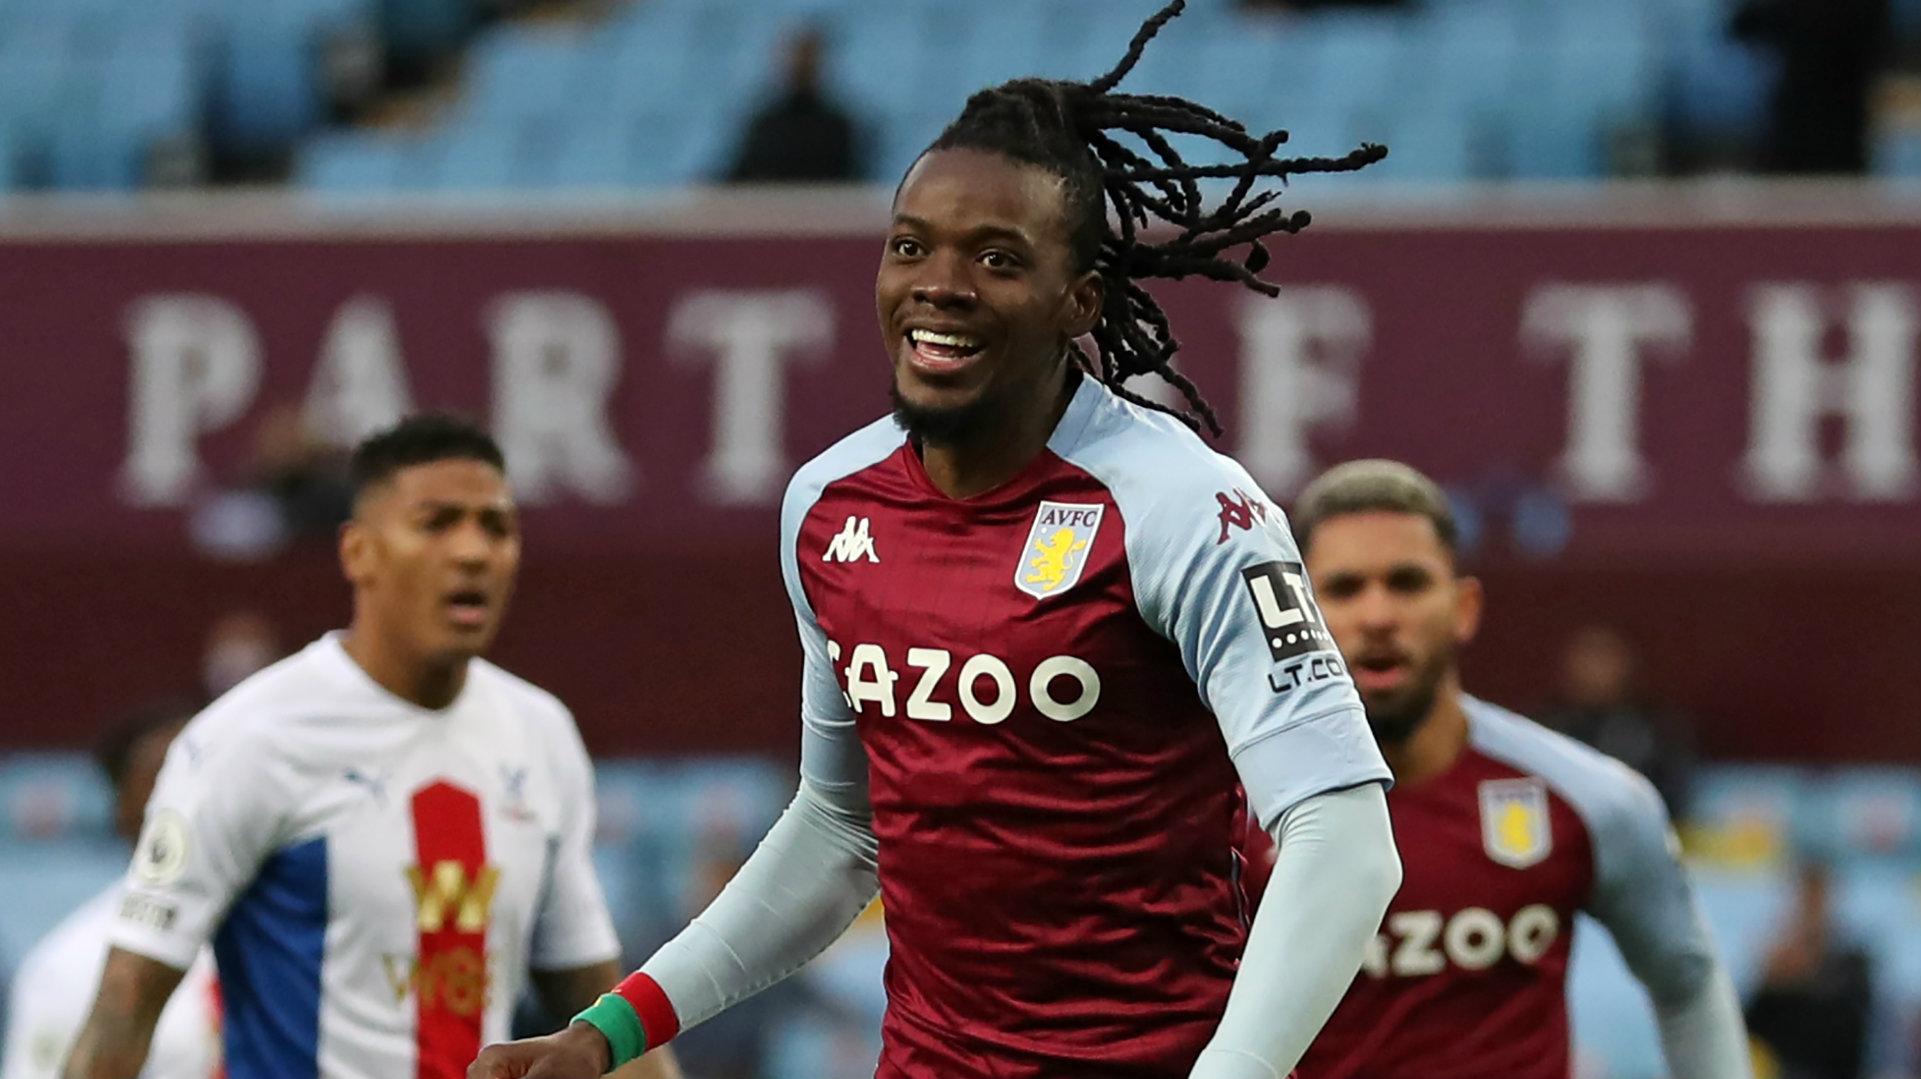 Traore closing in on Grealish's Aston Villa Premier League mark   Goal.com